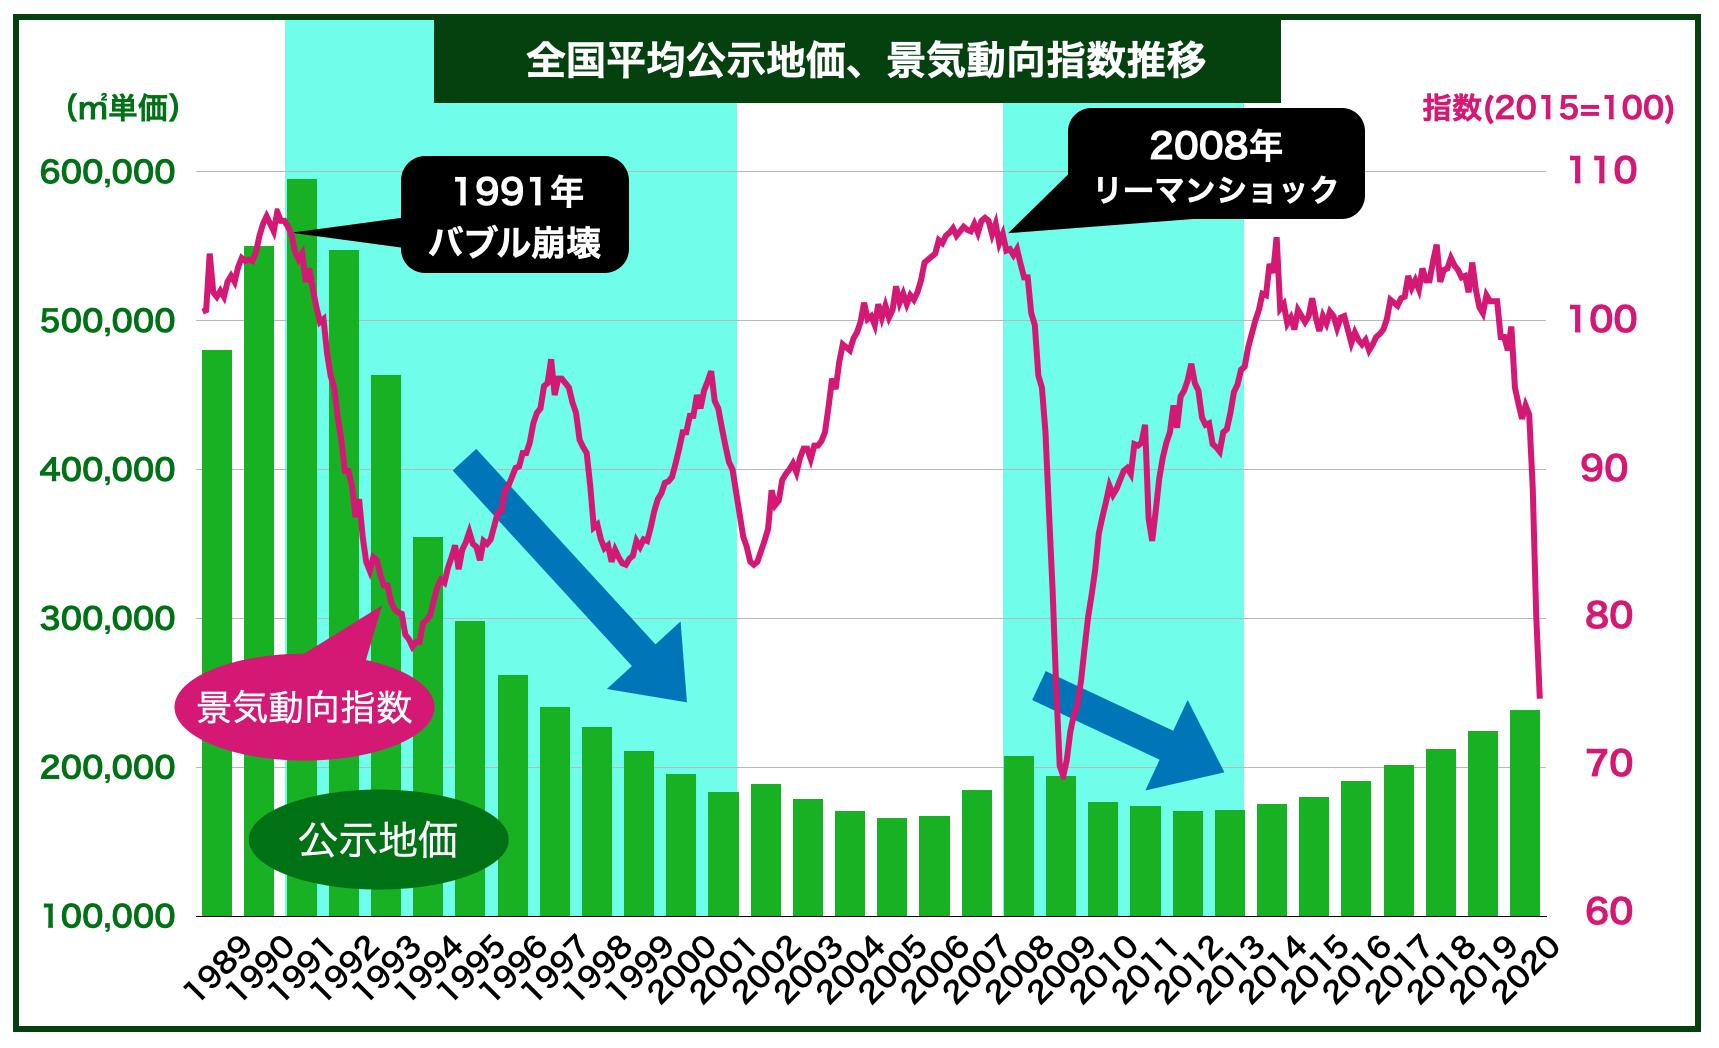 公示地価、景気動向指数推移